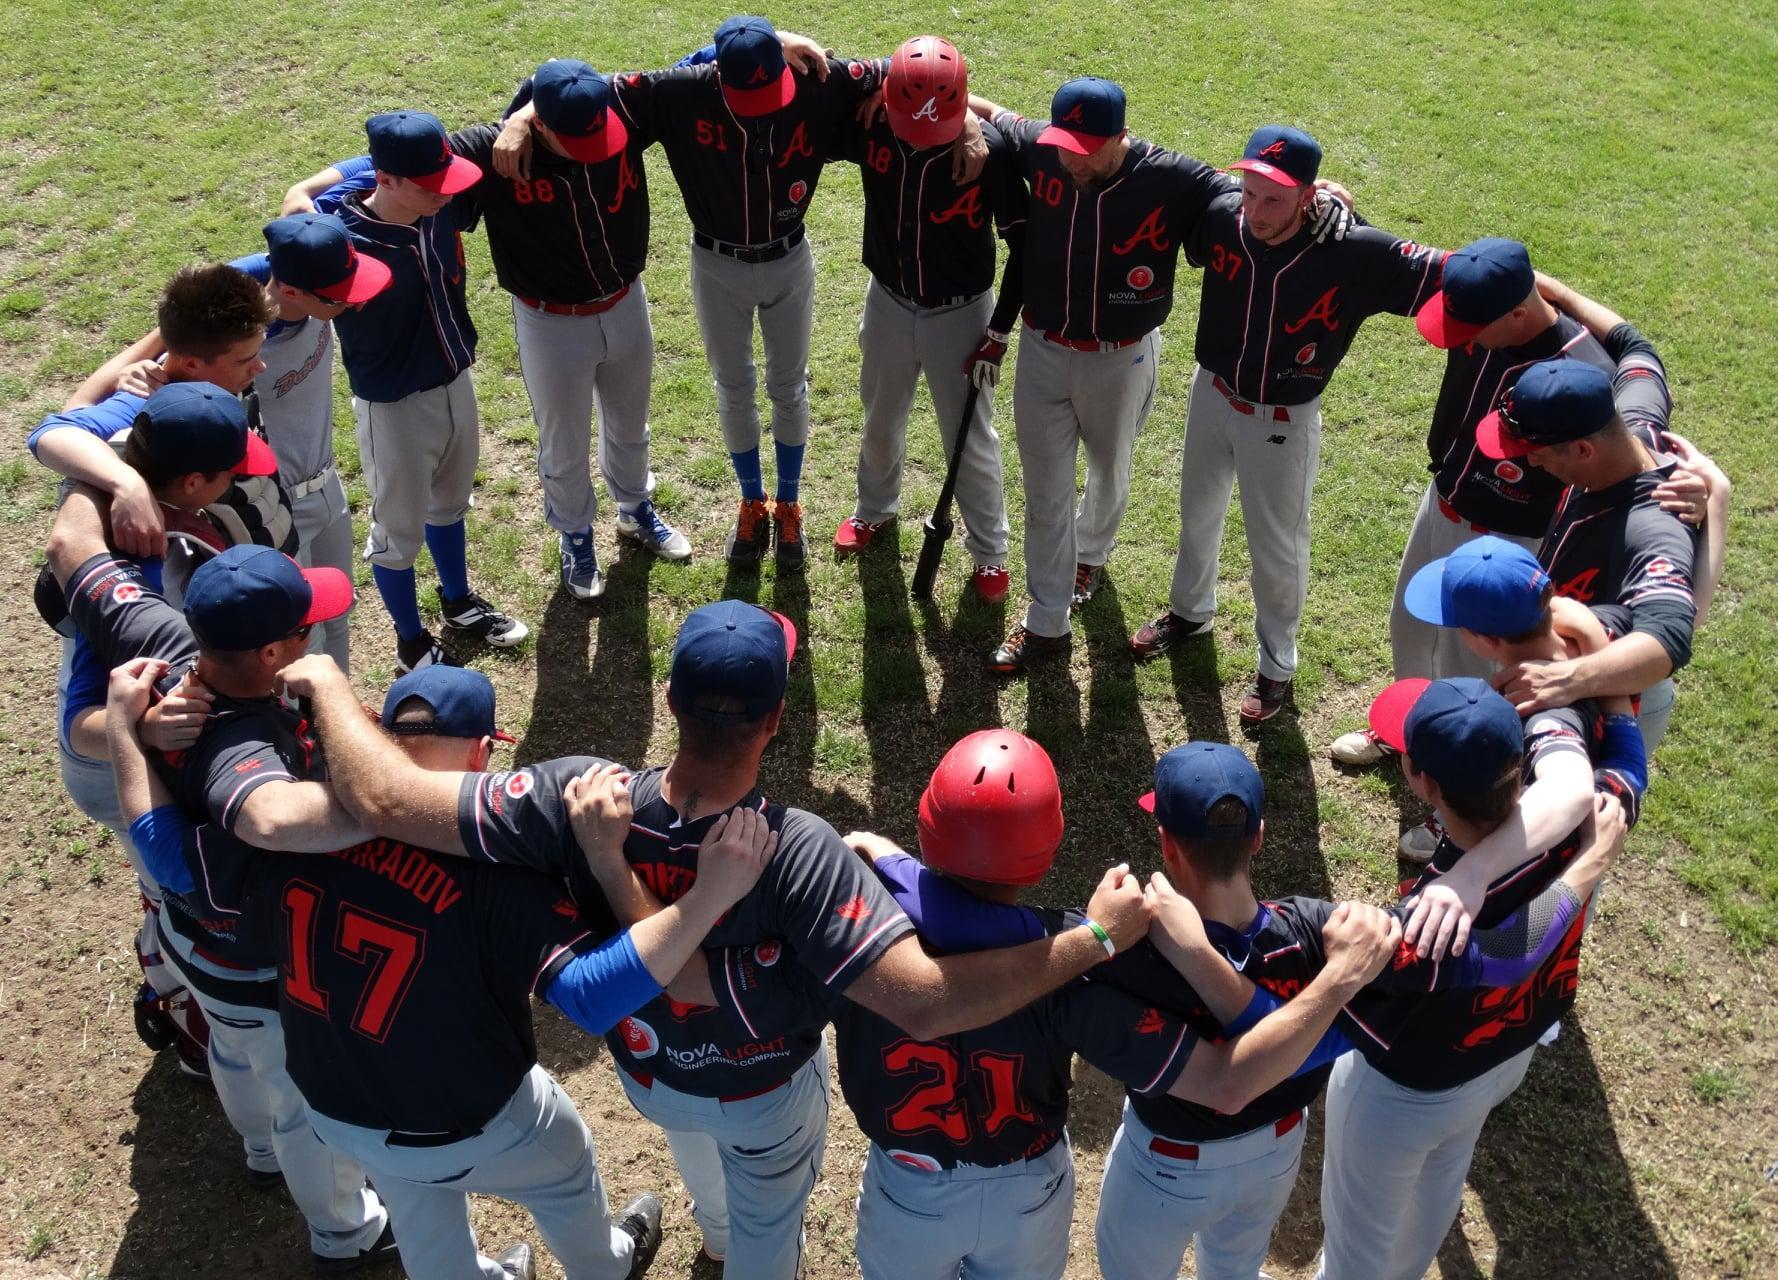 чемпіонат України з бейсболу, третій тур, Кропивницький. фото